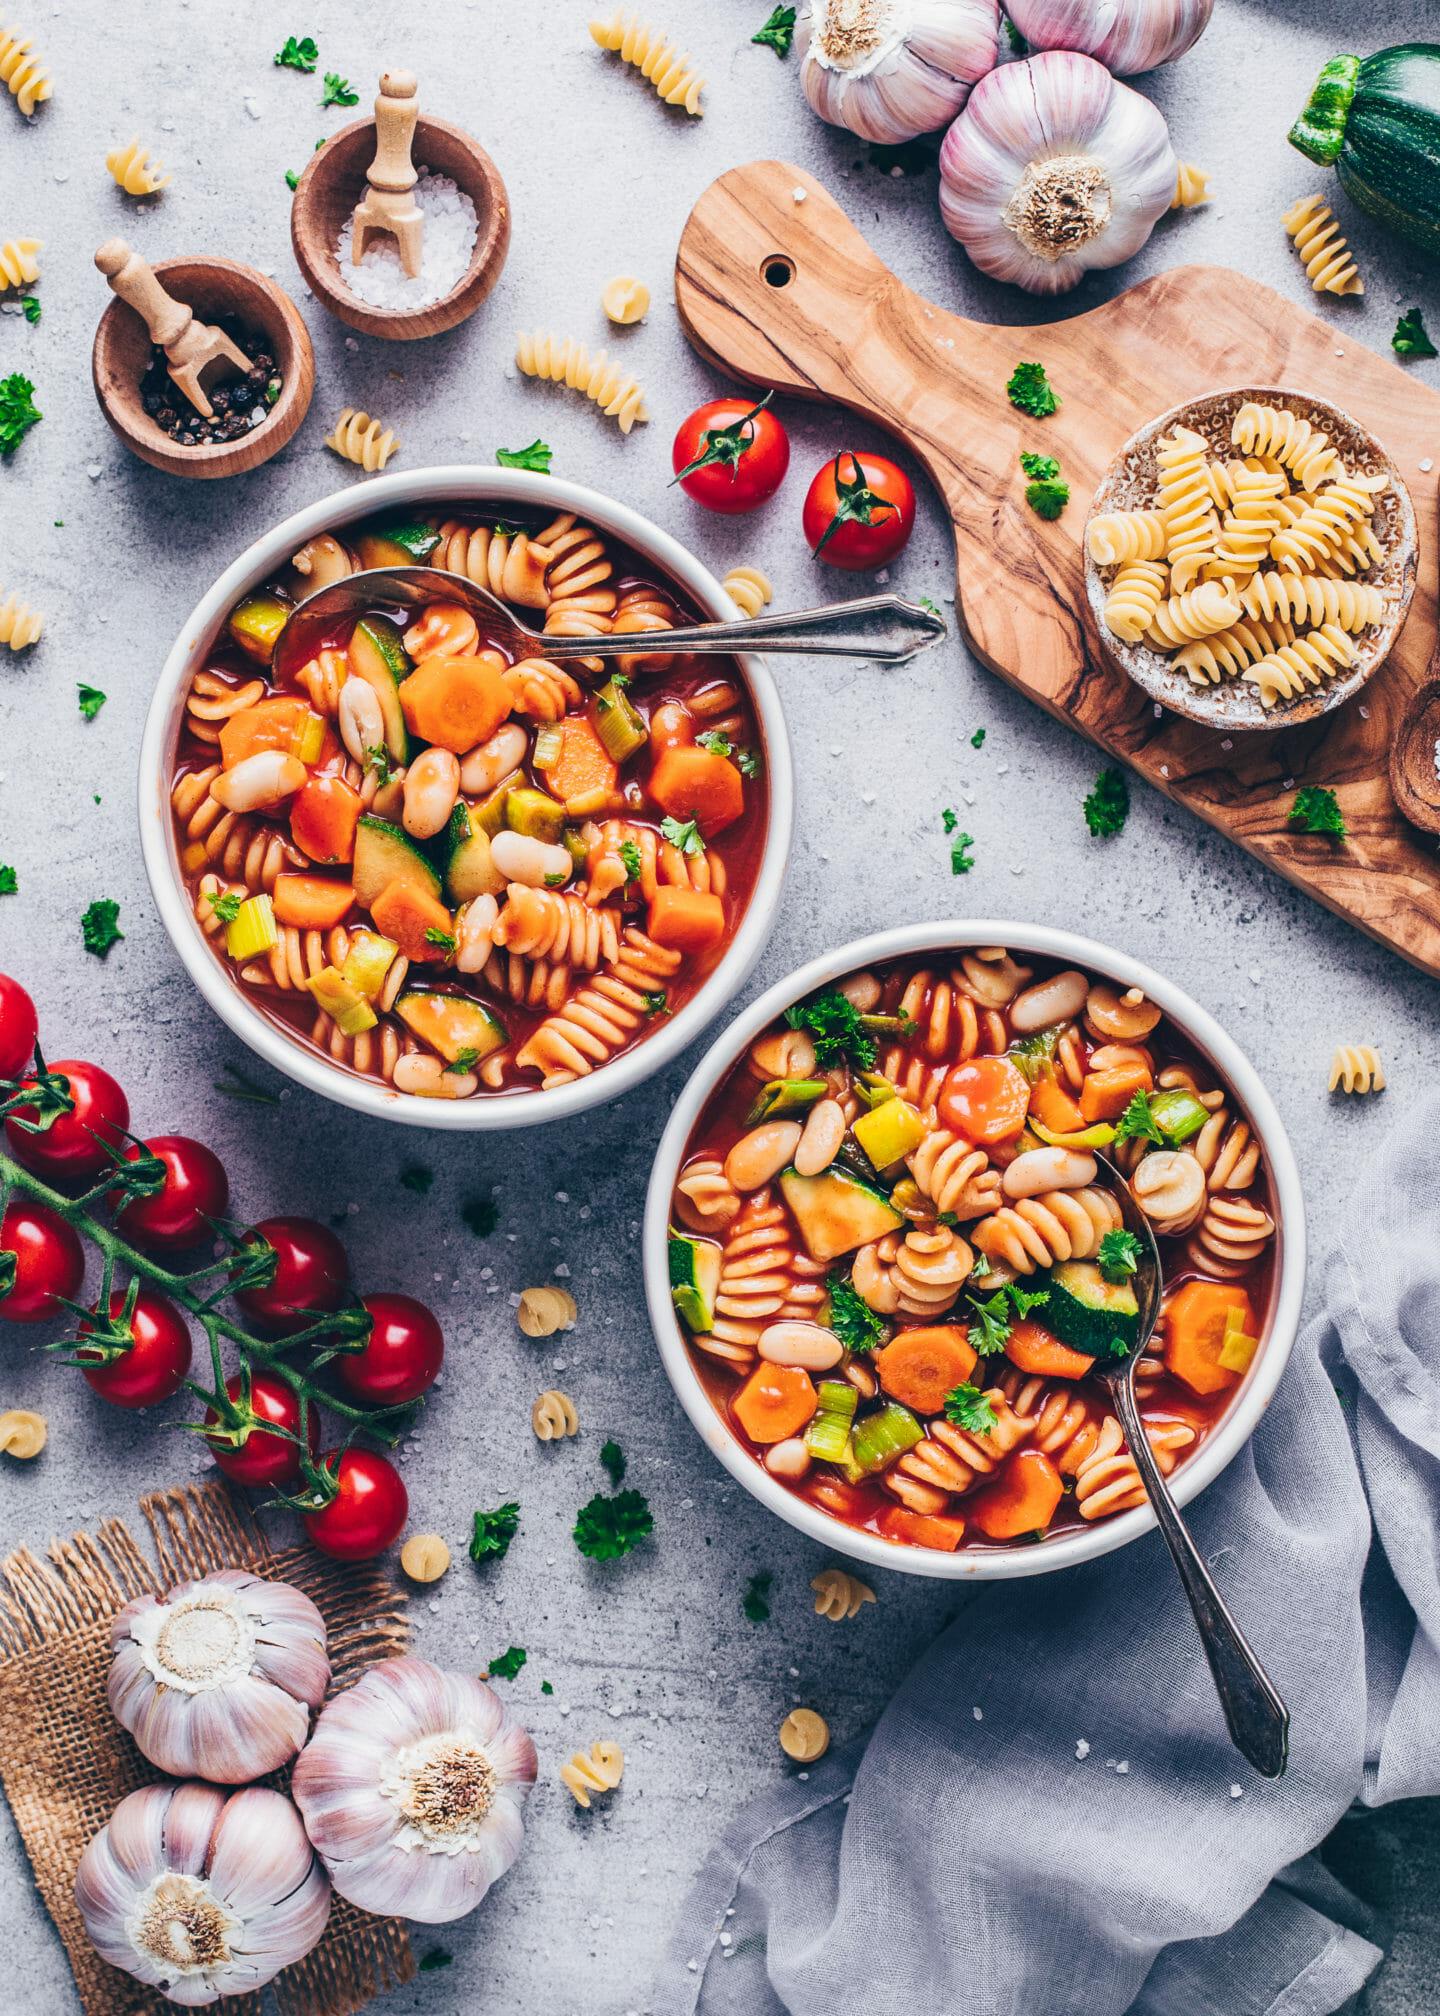 Italienische Minestrone Gemüsesuppe Eintopf mit Karotten, Zucchini, Lauch, weißen Bohnen und Nudeln